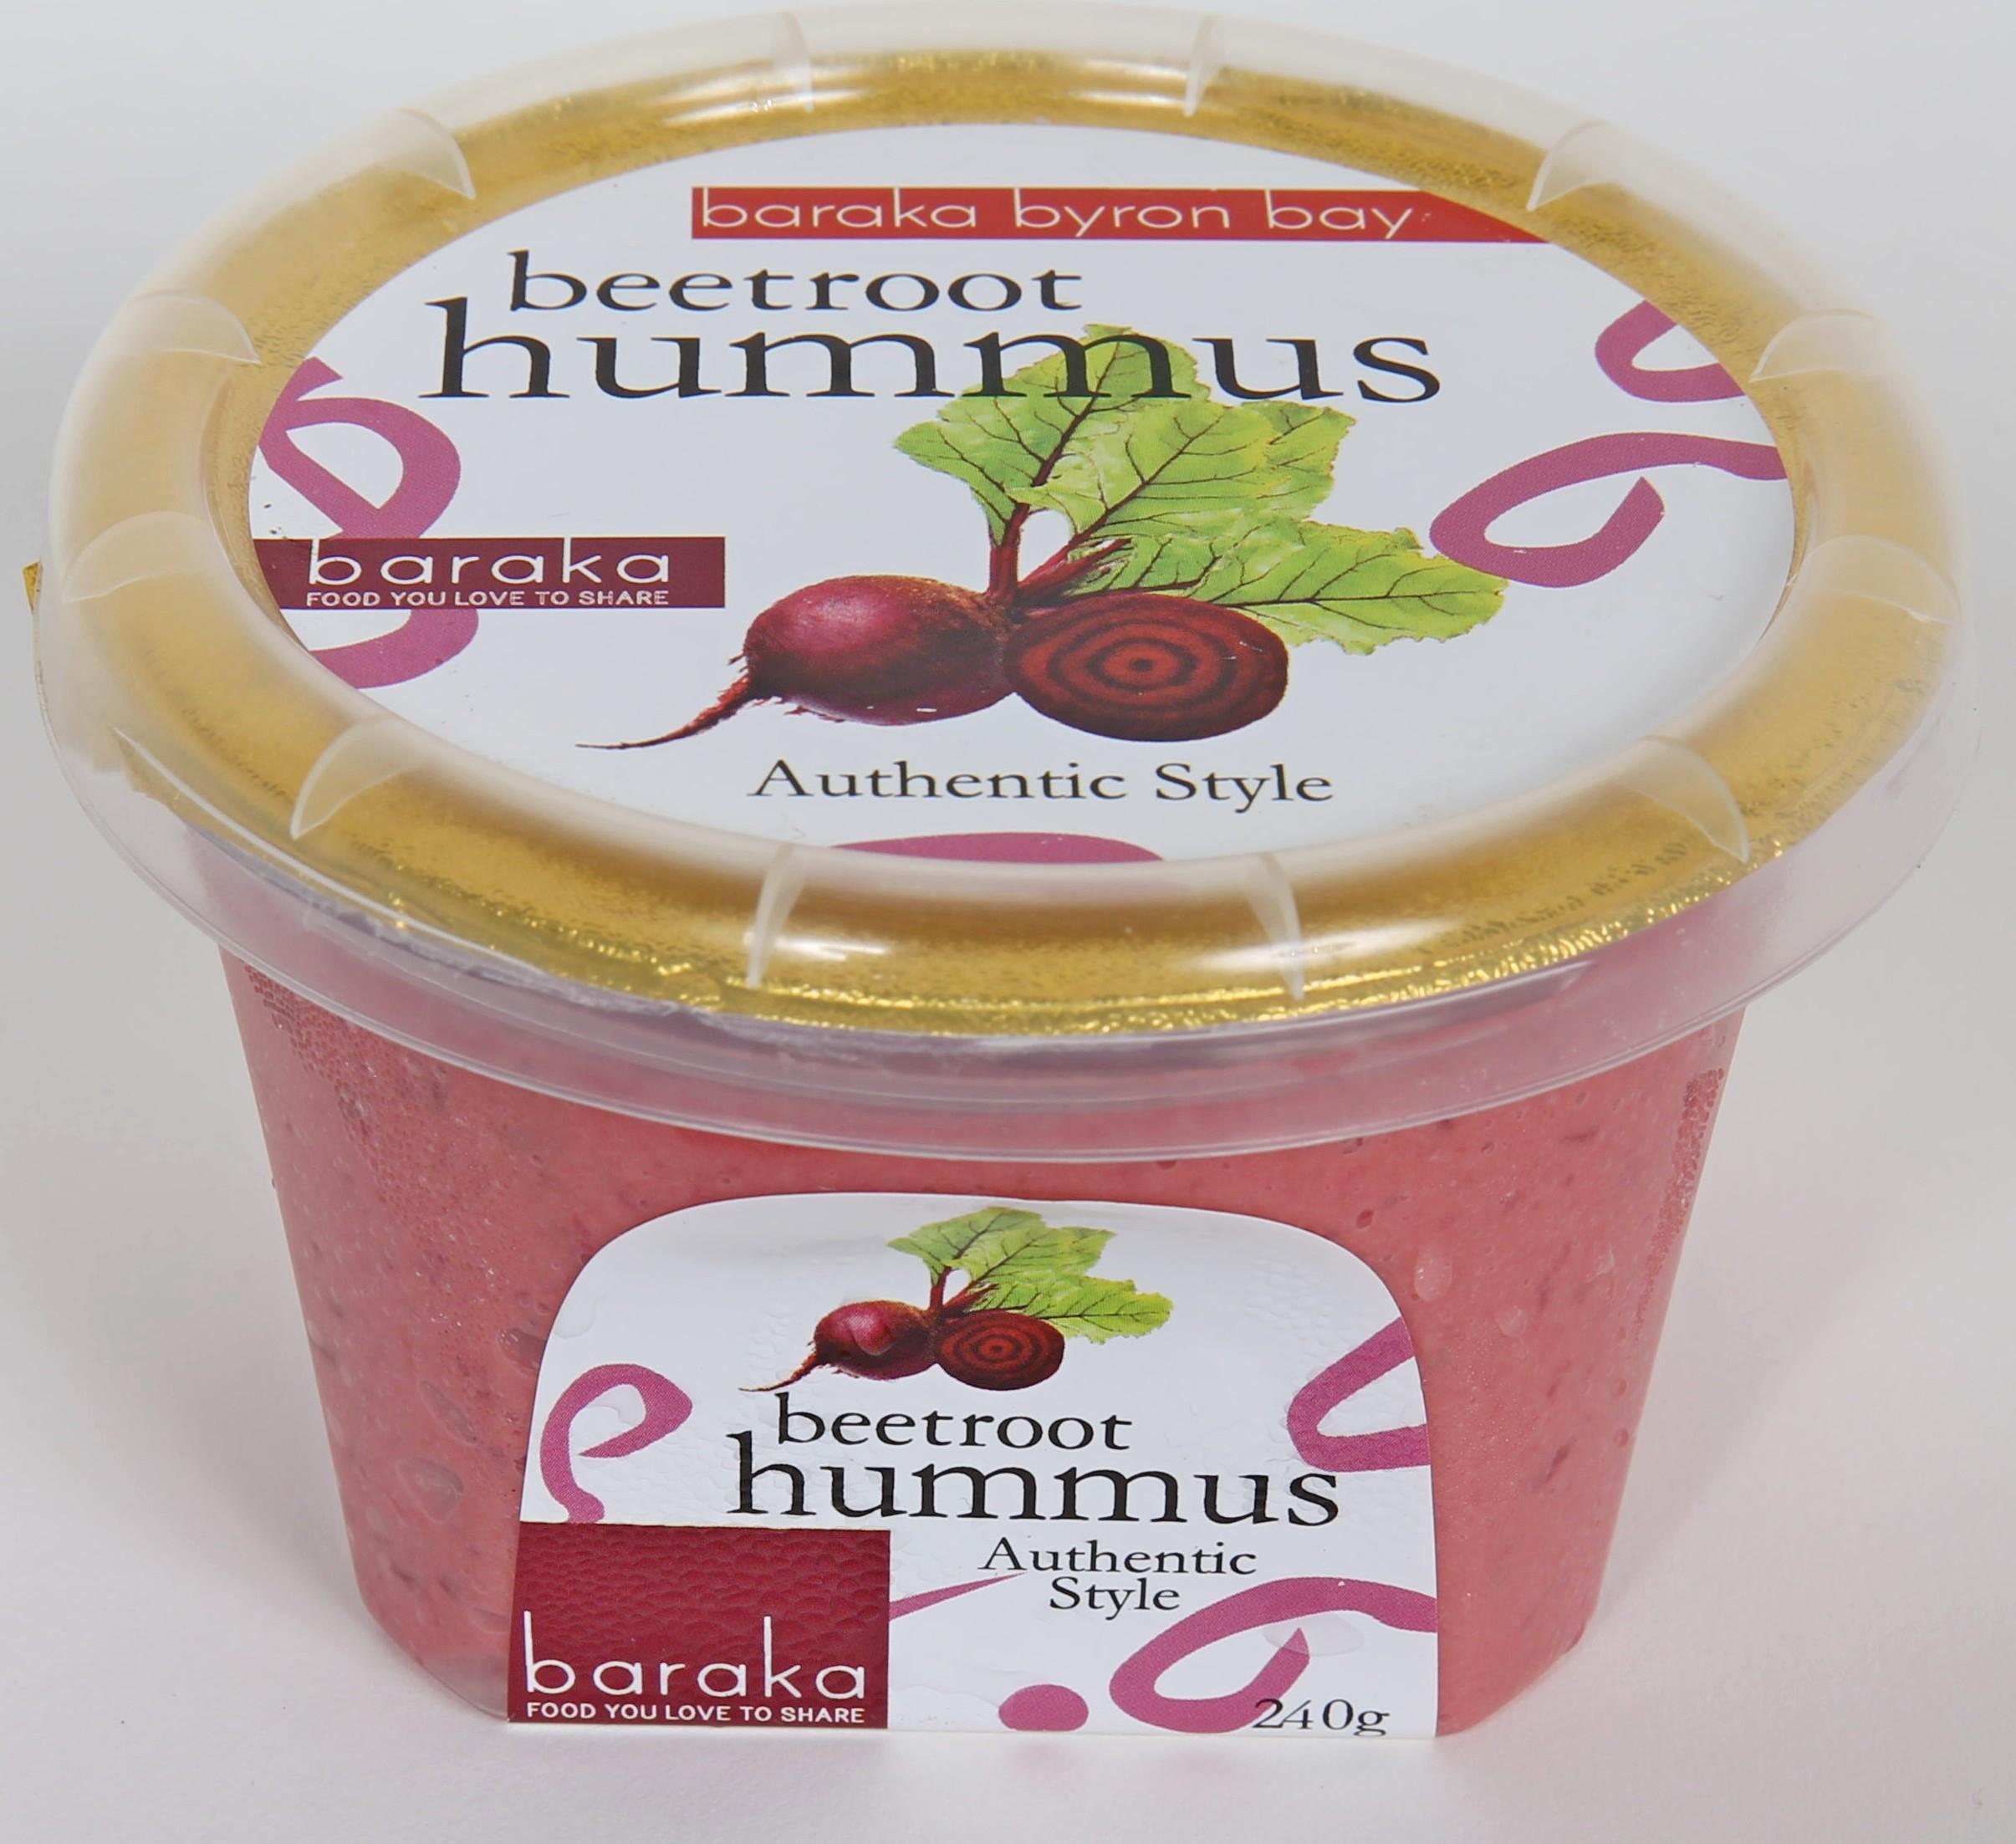 Baraka Beetroot hummus 240g